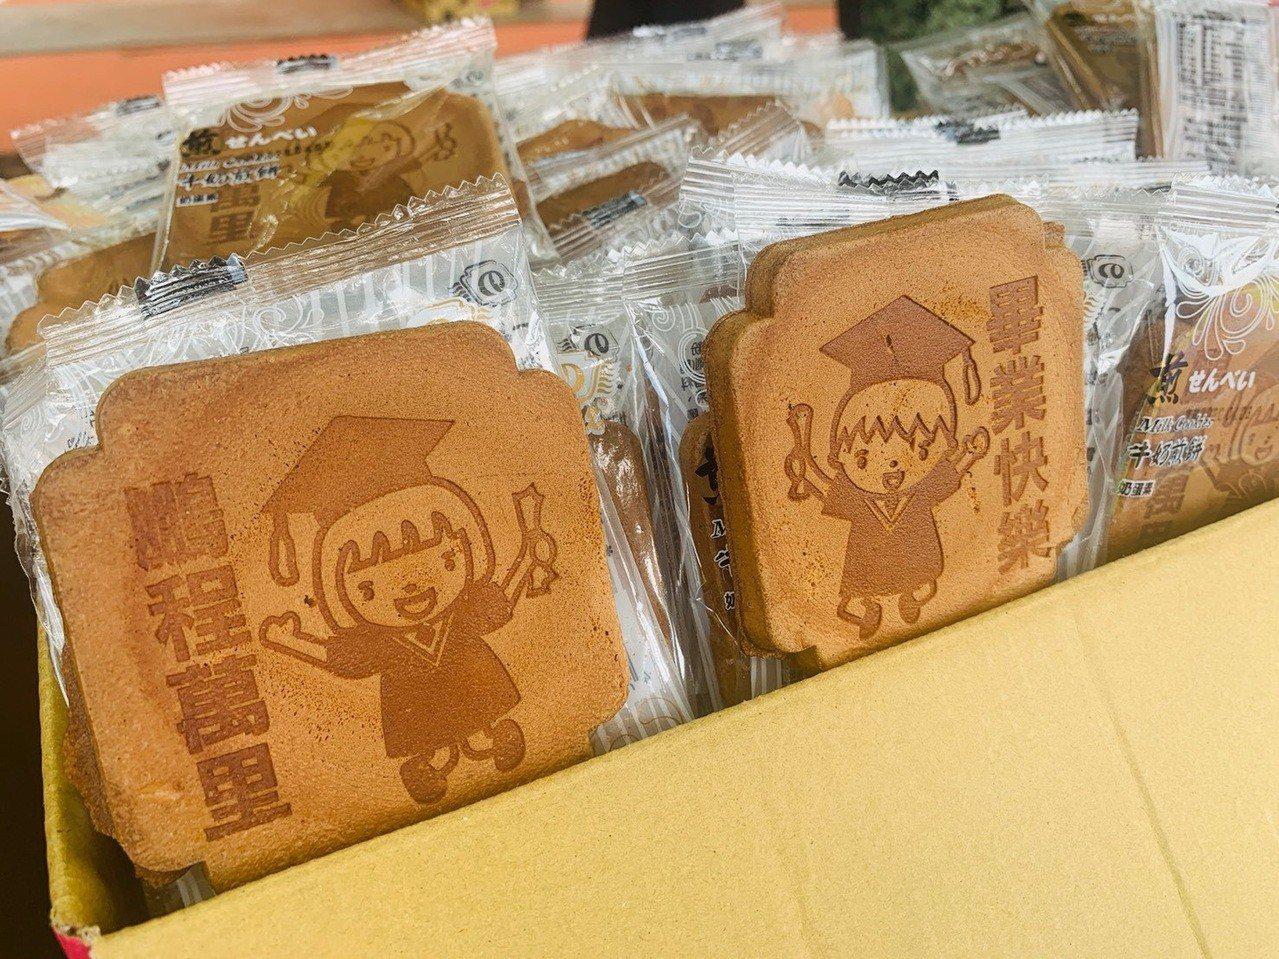 一品煎餅贊助田中鎮5校畢業生聯合路跑活動的完賽餐點。照片/舒康運動協會提供